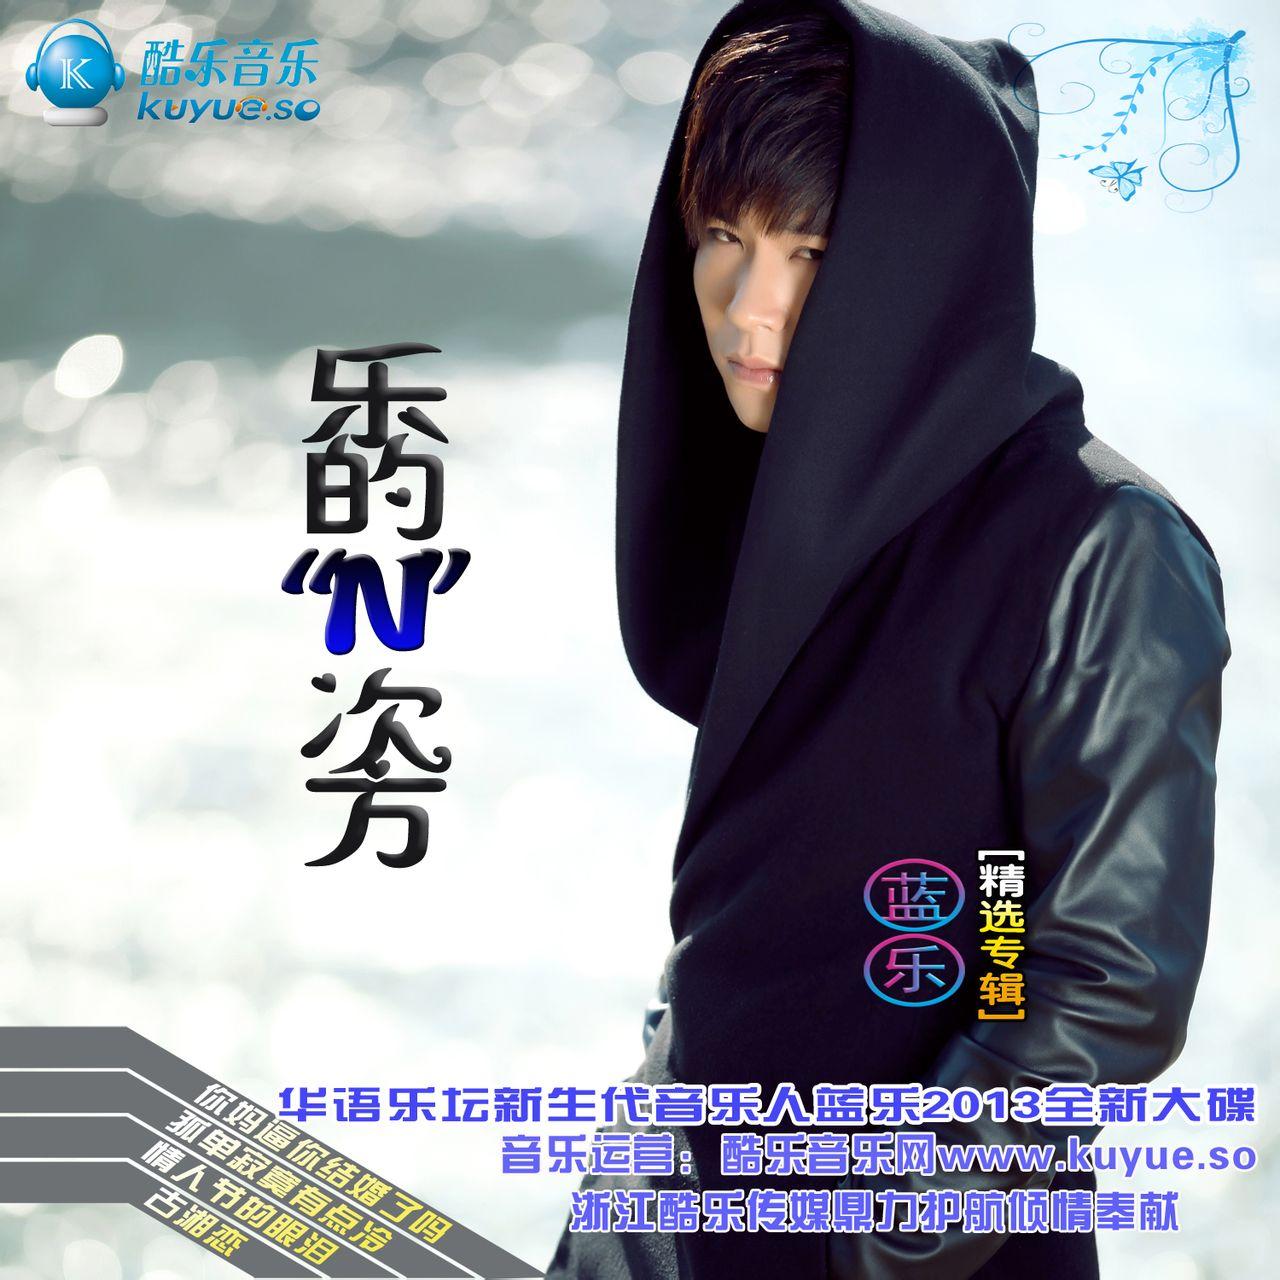 蓝乐专辑封面